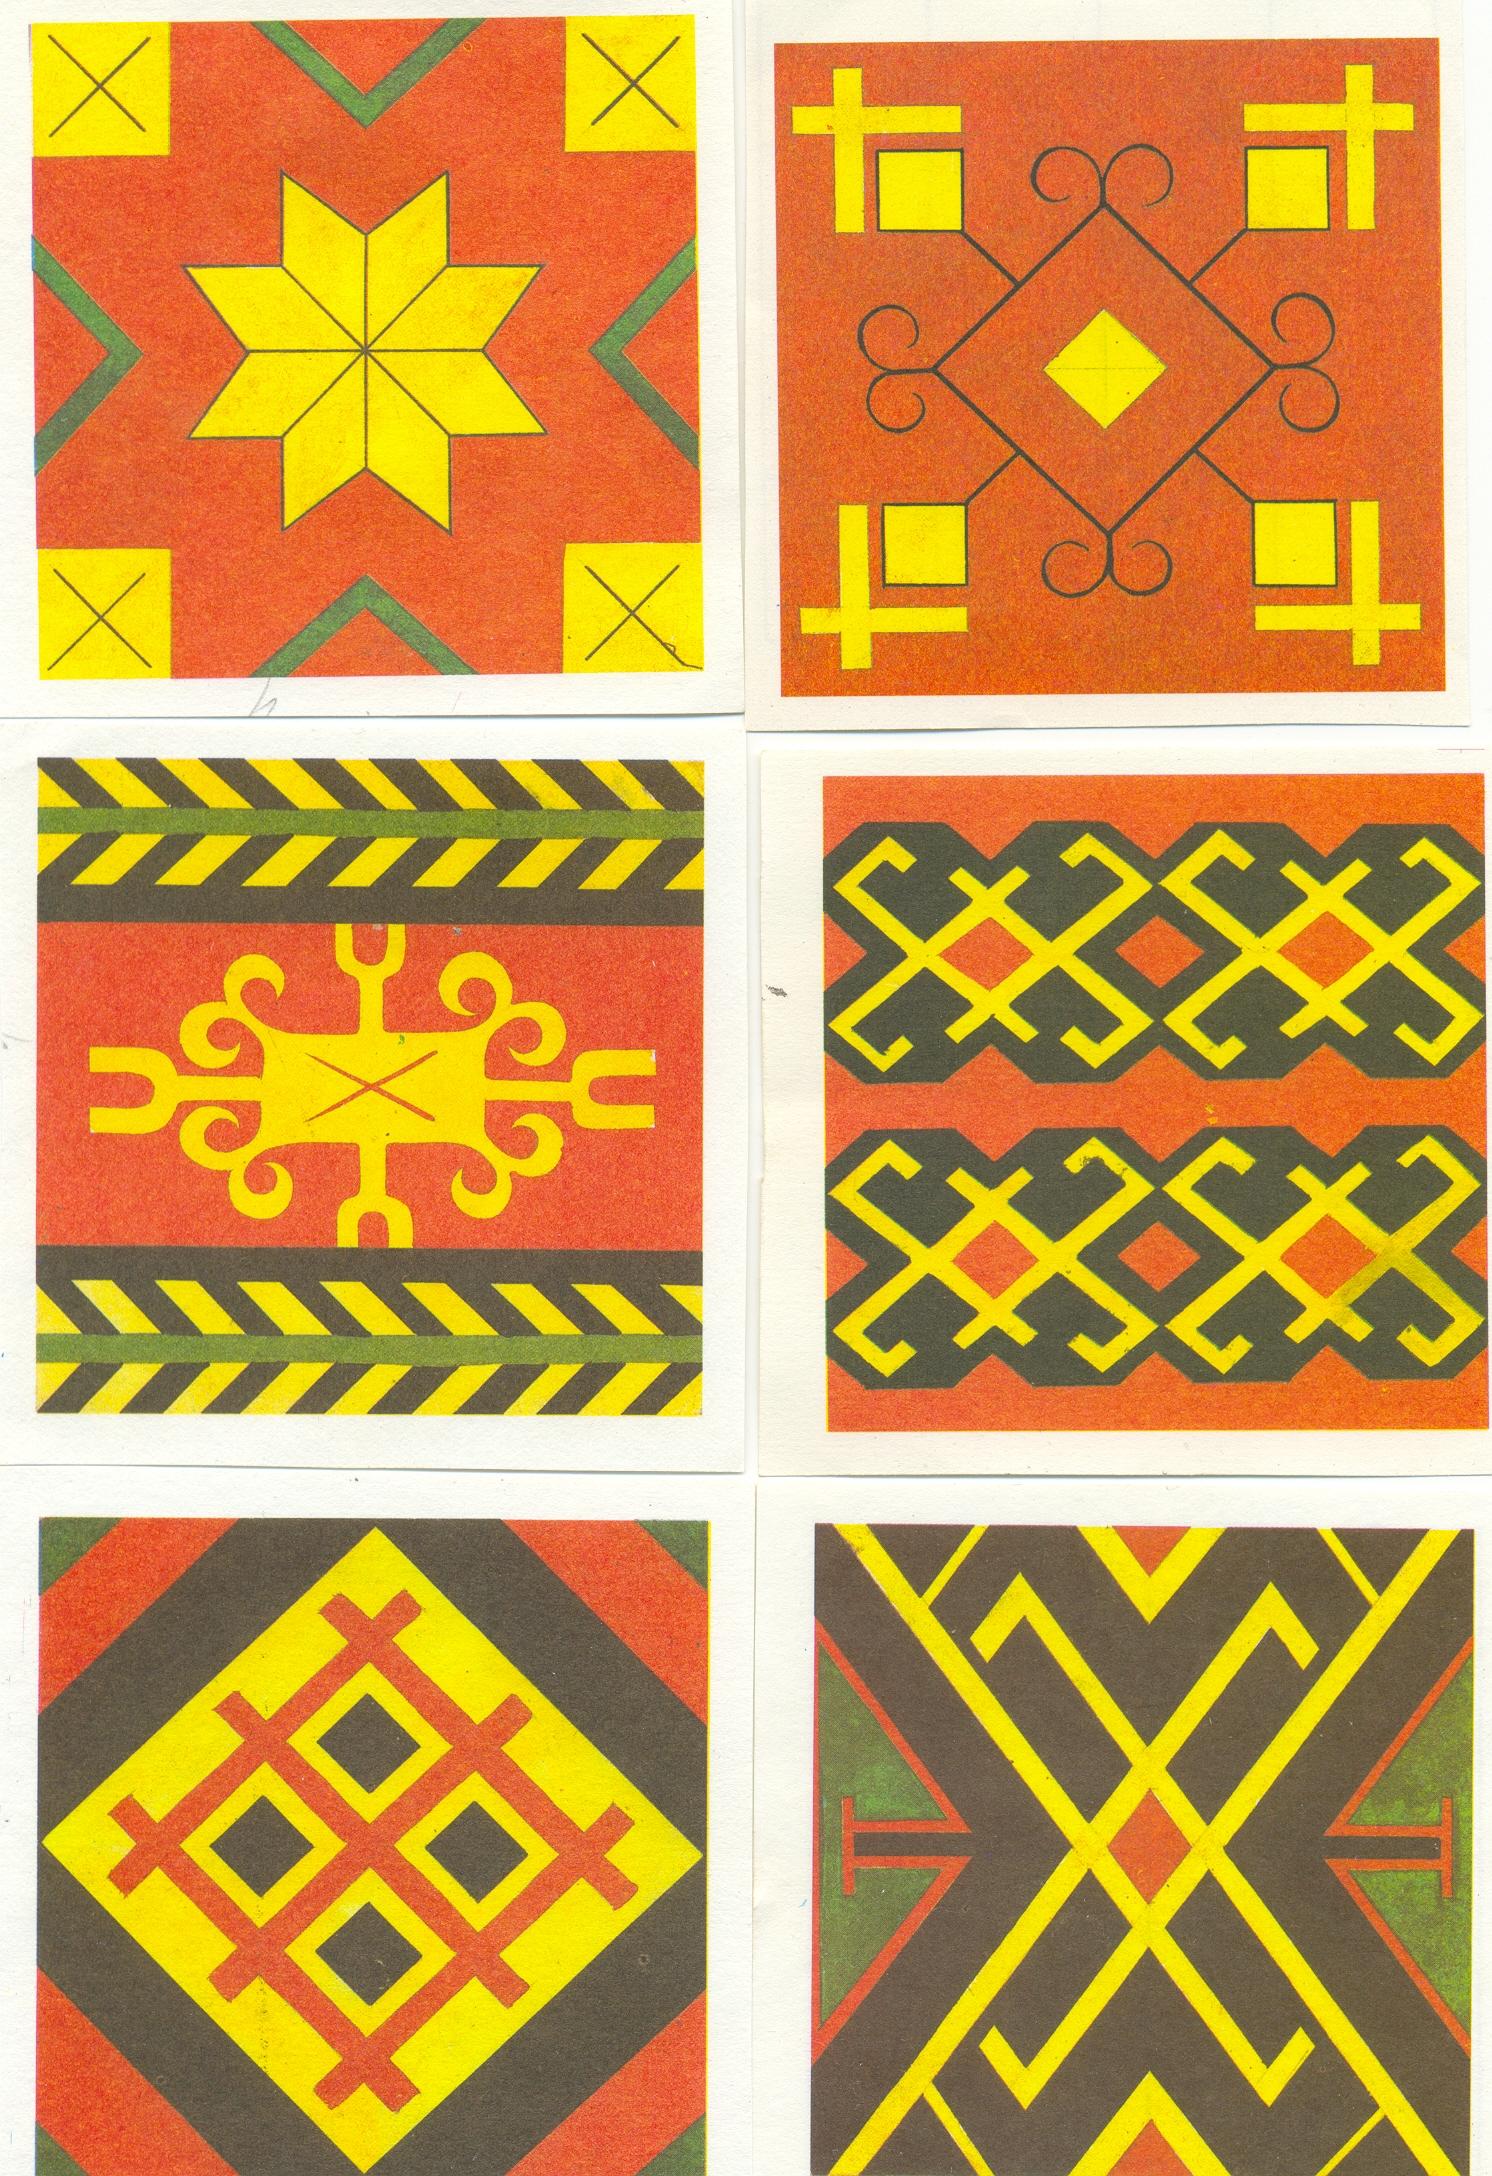 Башкирские орнаменты и узоры картинки в старшей группе